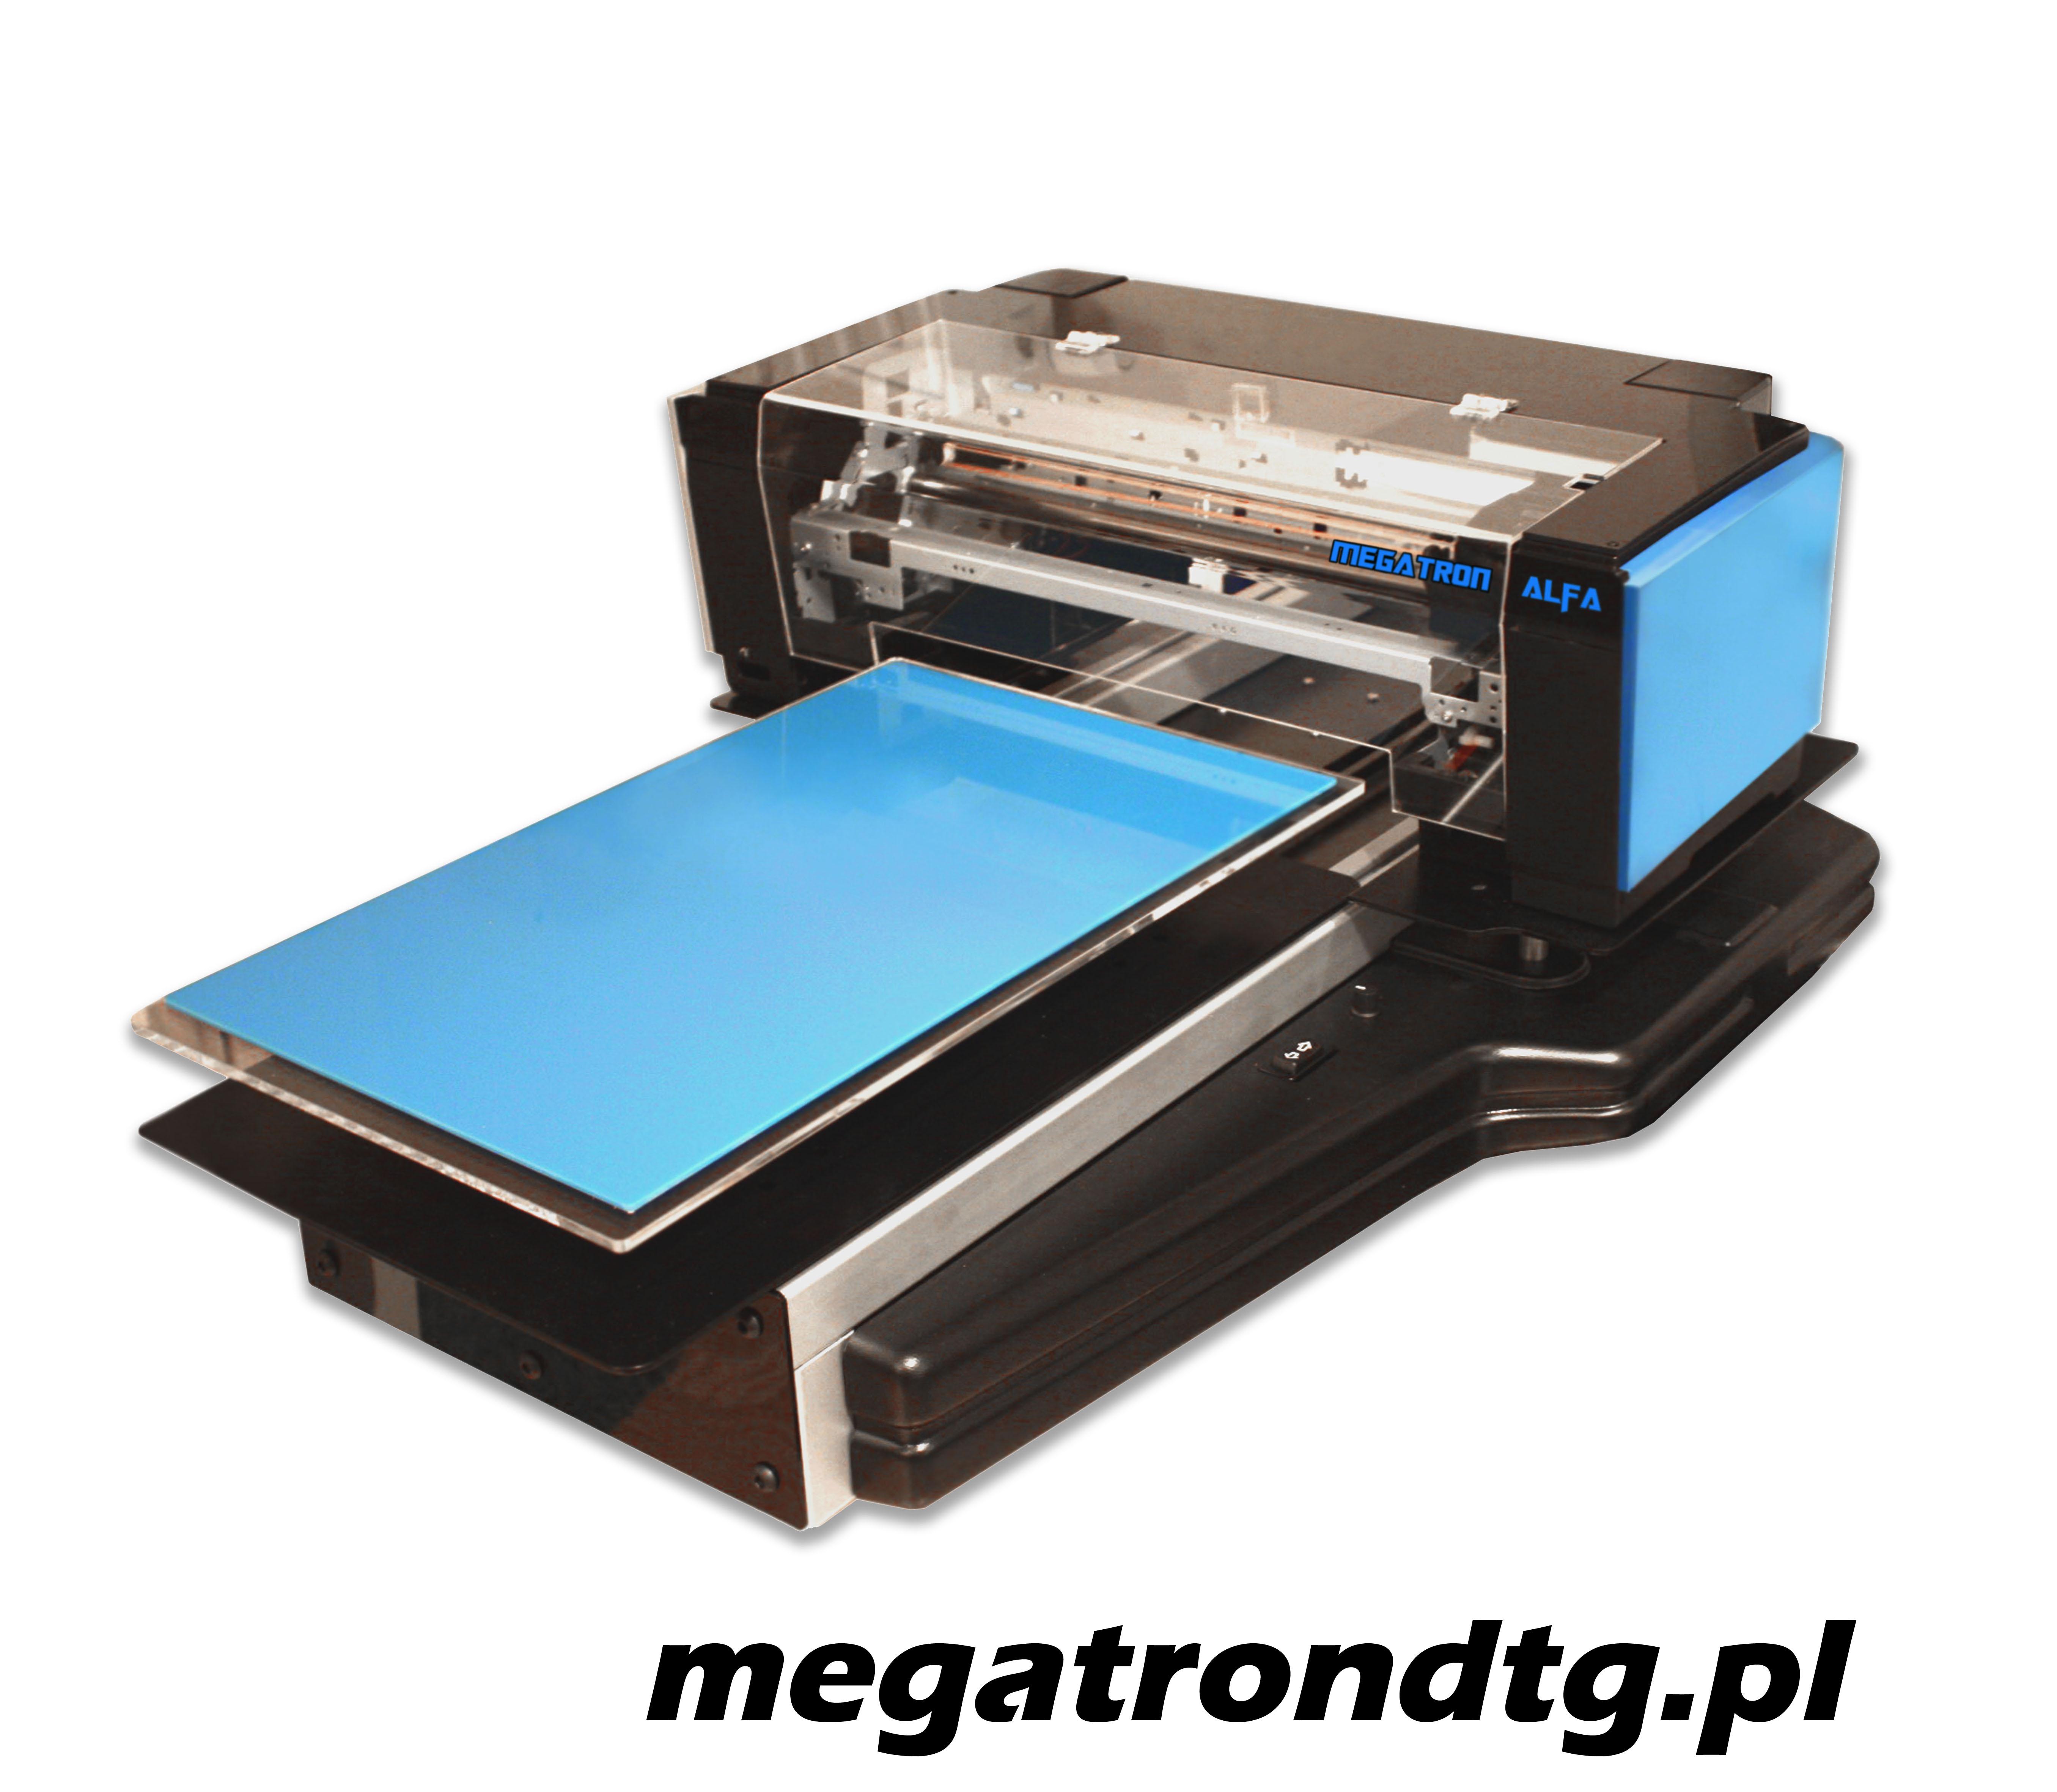 osłona drukarki